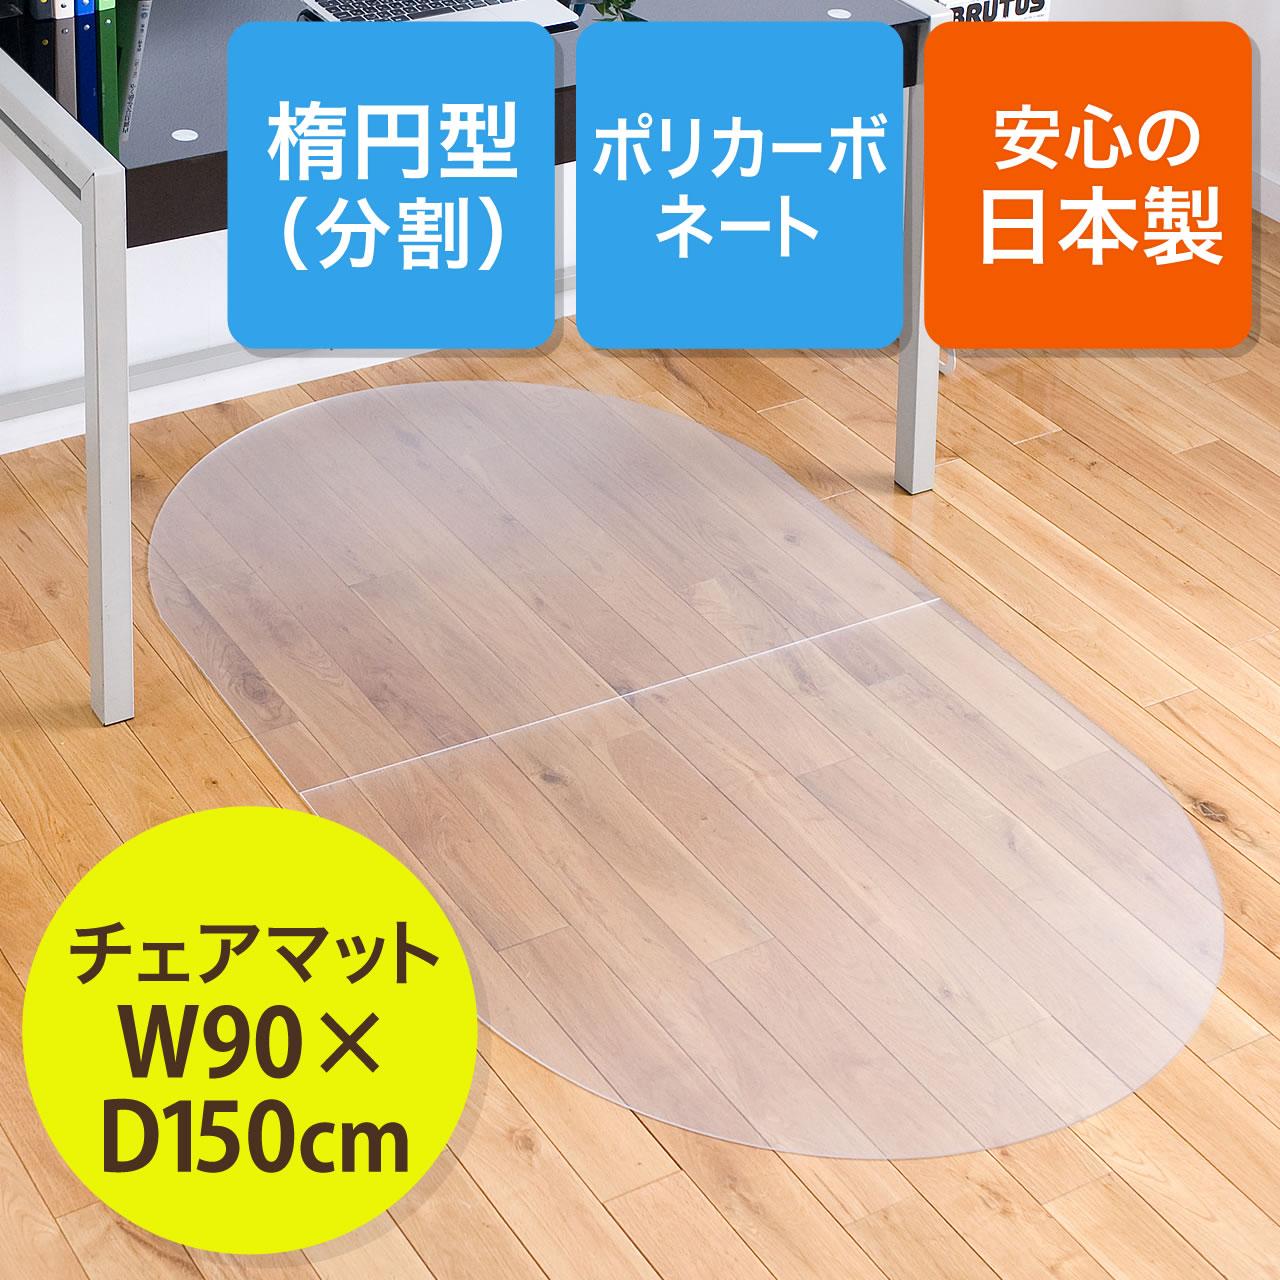 チェアマット(ポリカーボネート製・畳・カーペット・フローリング対応